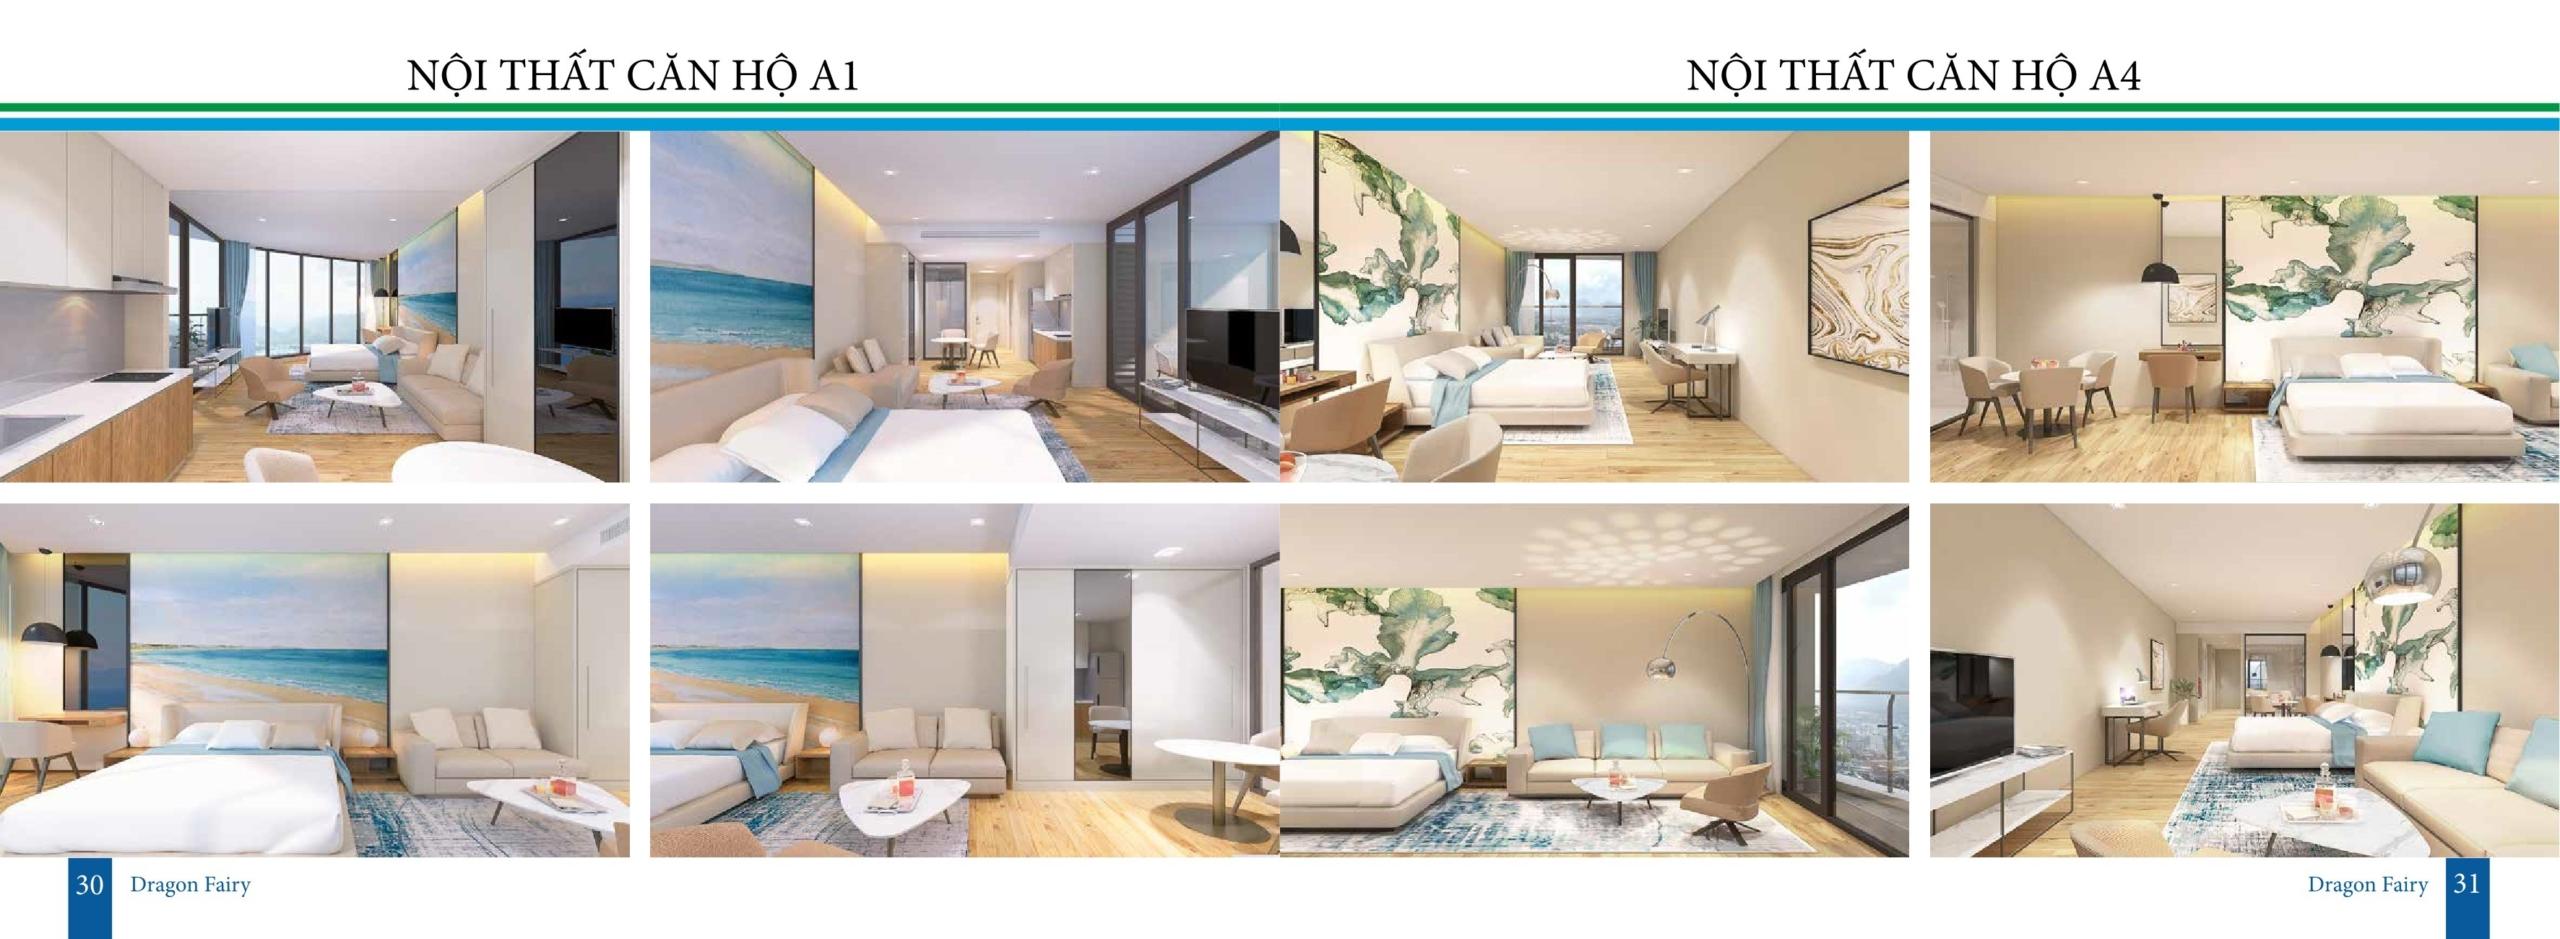 Nội thất căn hộ condotel dự án Dragon Fairy Nha Trang